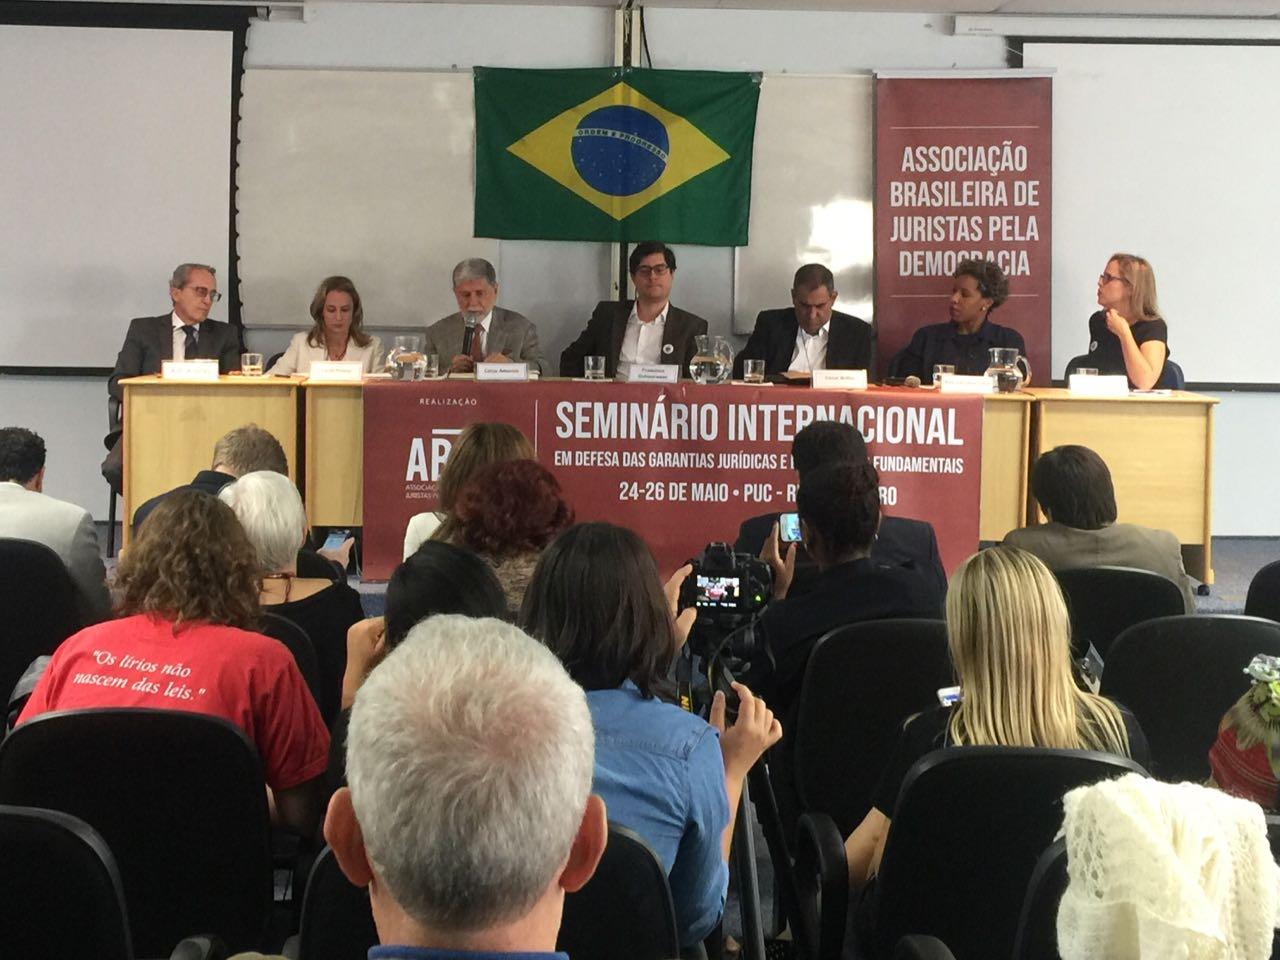 Seminário internacional defende Constituição brasileira